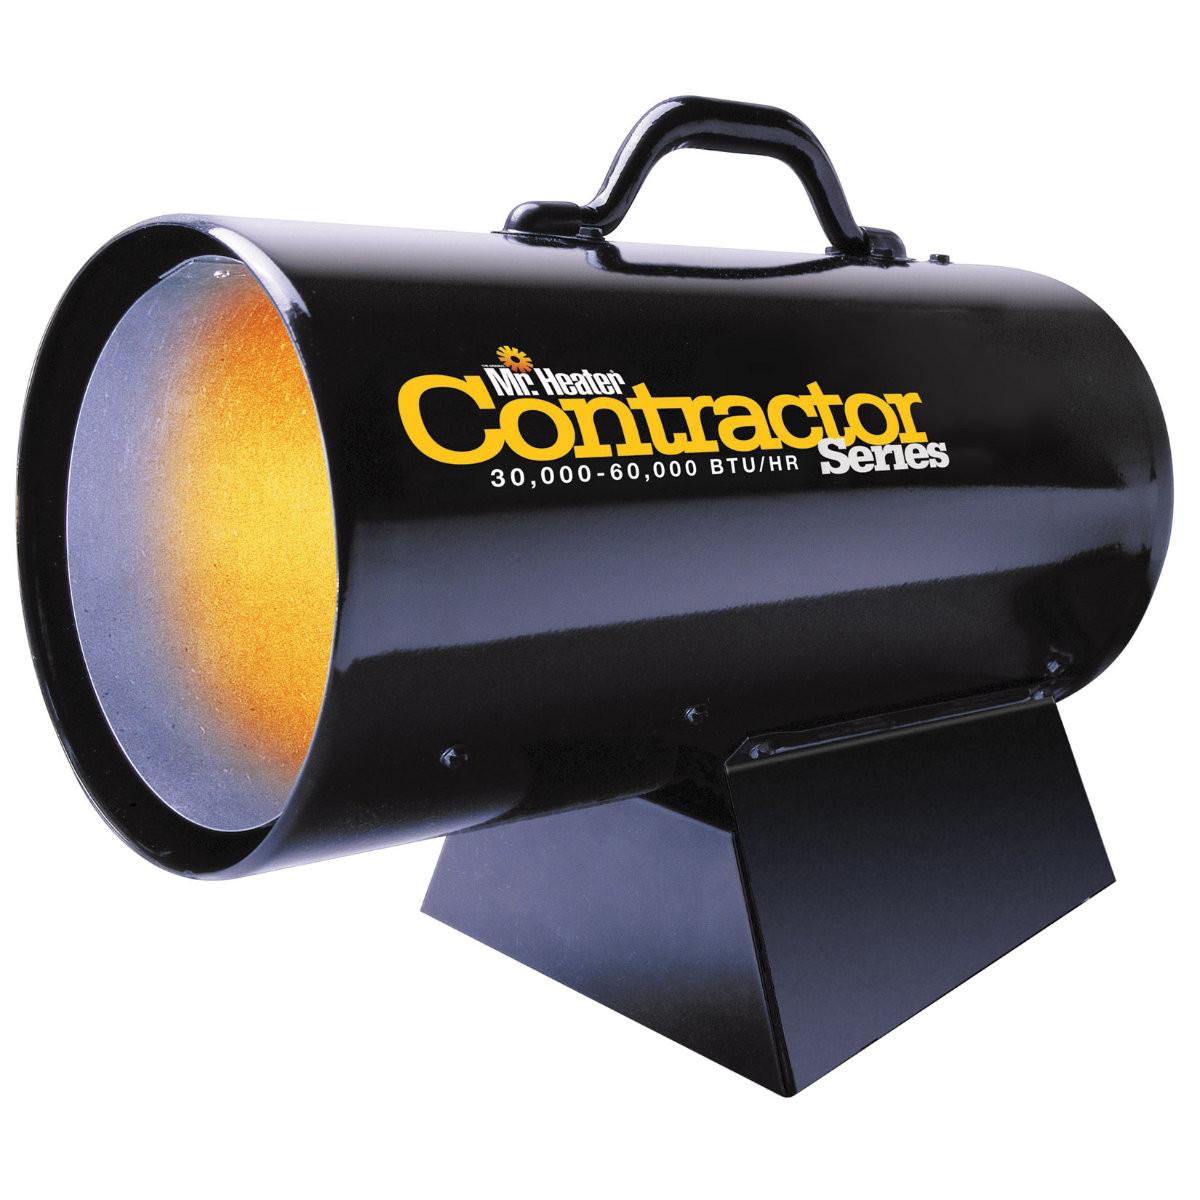 Mr. Heater 30,000-60,000 BTU Forced Air Propane Heater